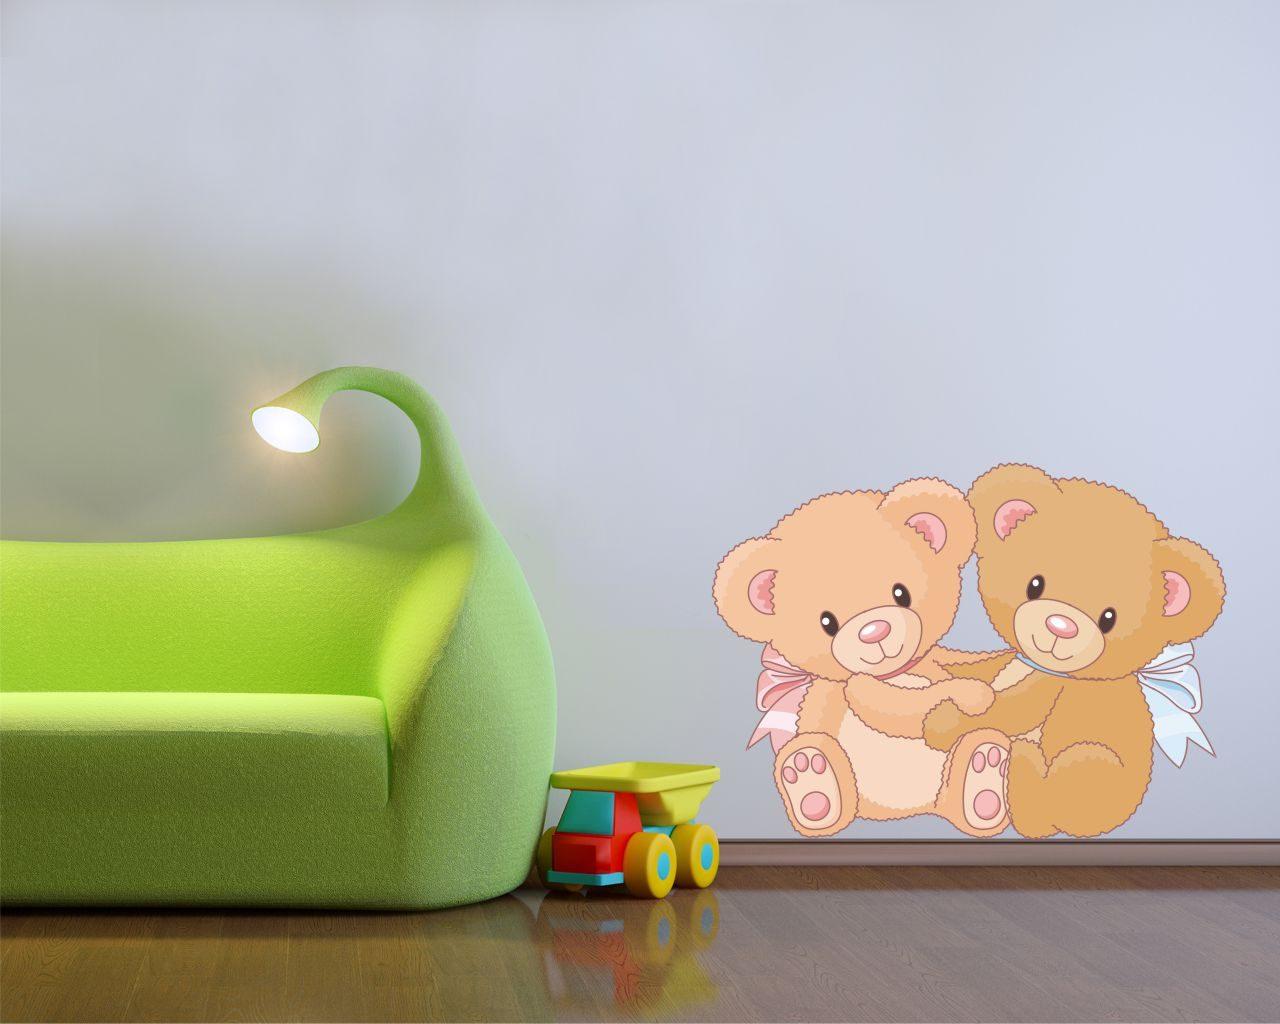 Dolcissimi orsetti infanzia adesivo murale - Adesivi camera bambini ...